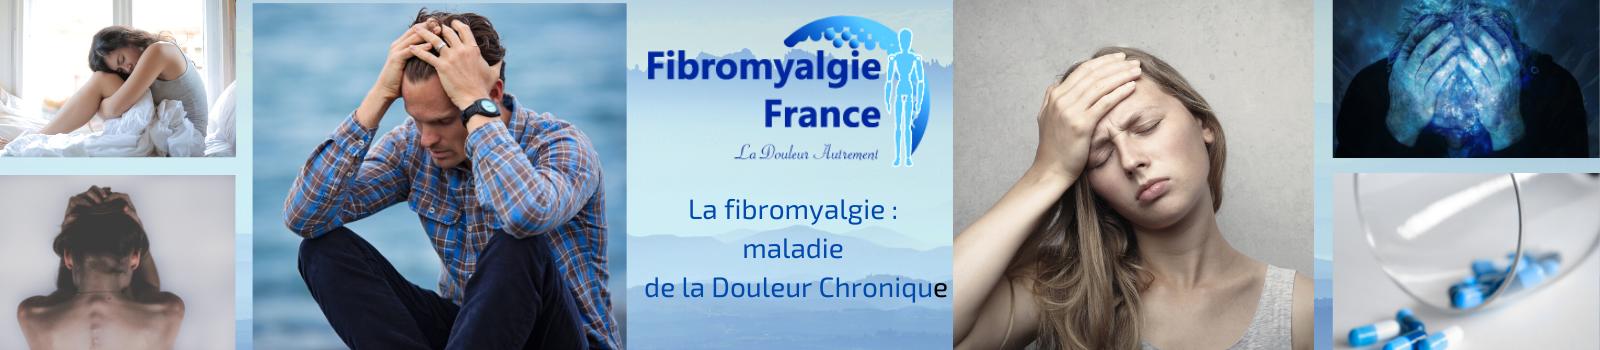 Image la fibromyalgie